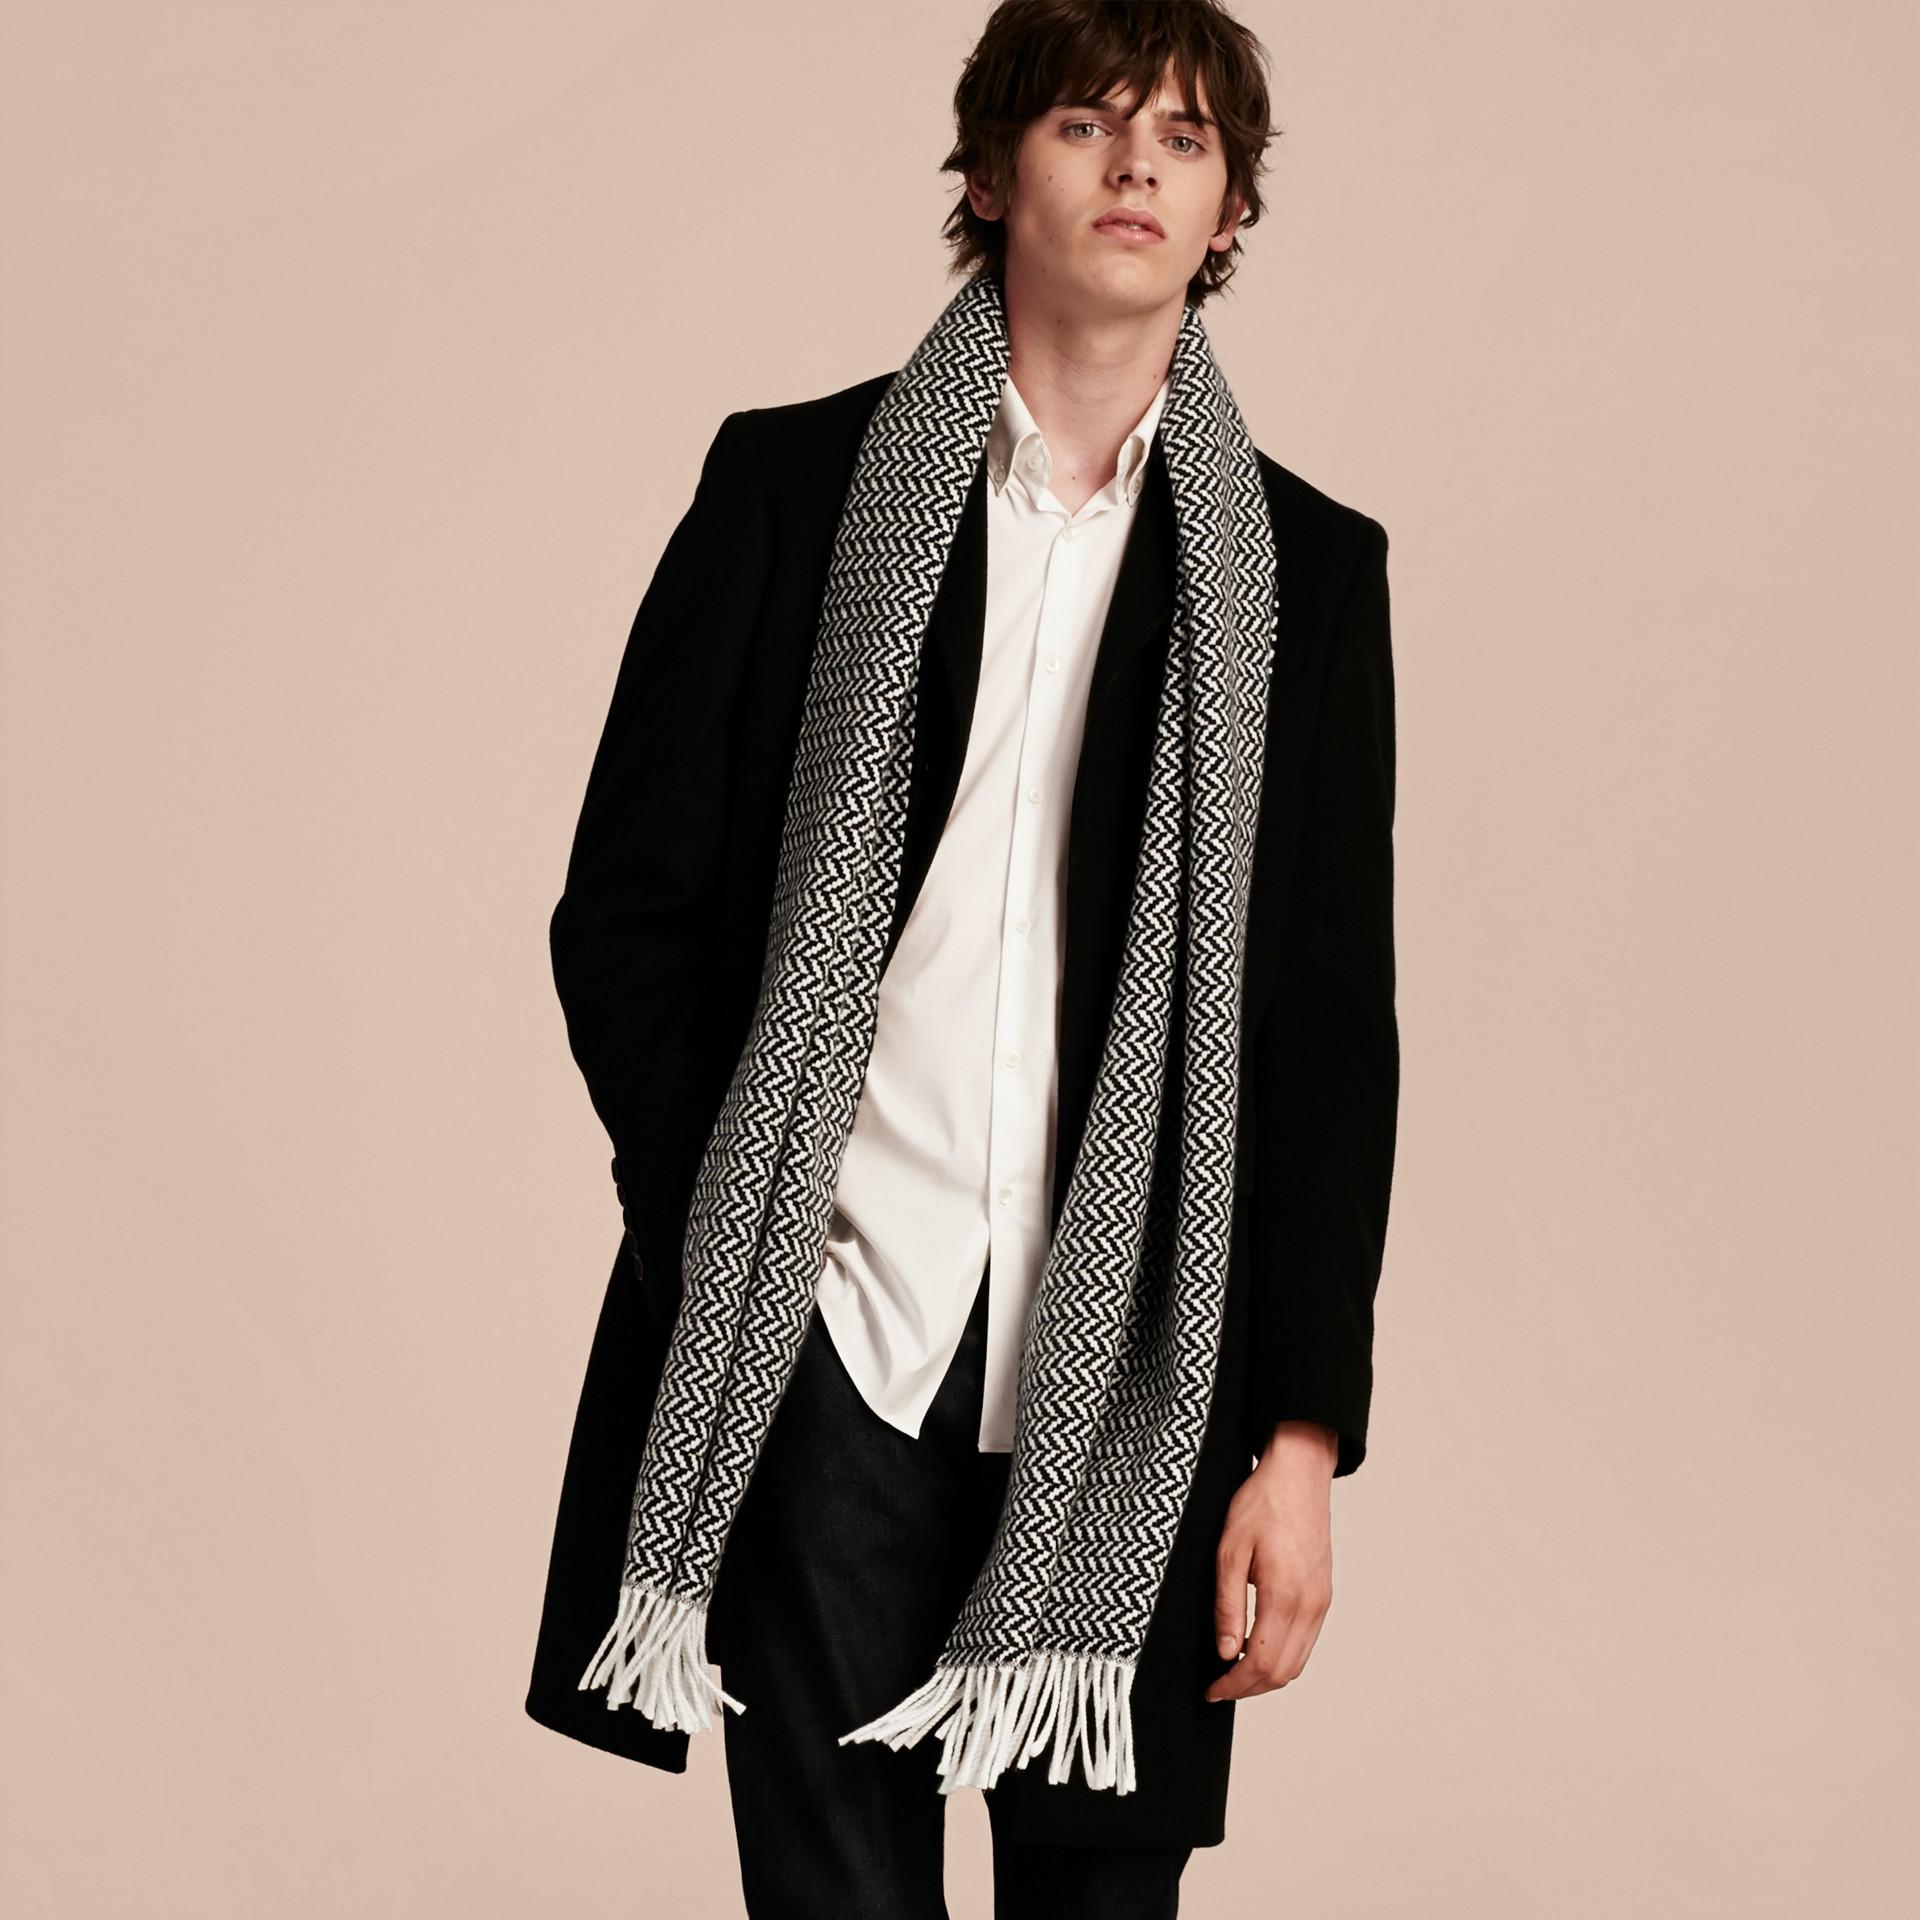 ブラック/ホワイト チャンキーヘリンボーン ウールカシミア スカーフ - ギャラリーイメージ 3